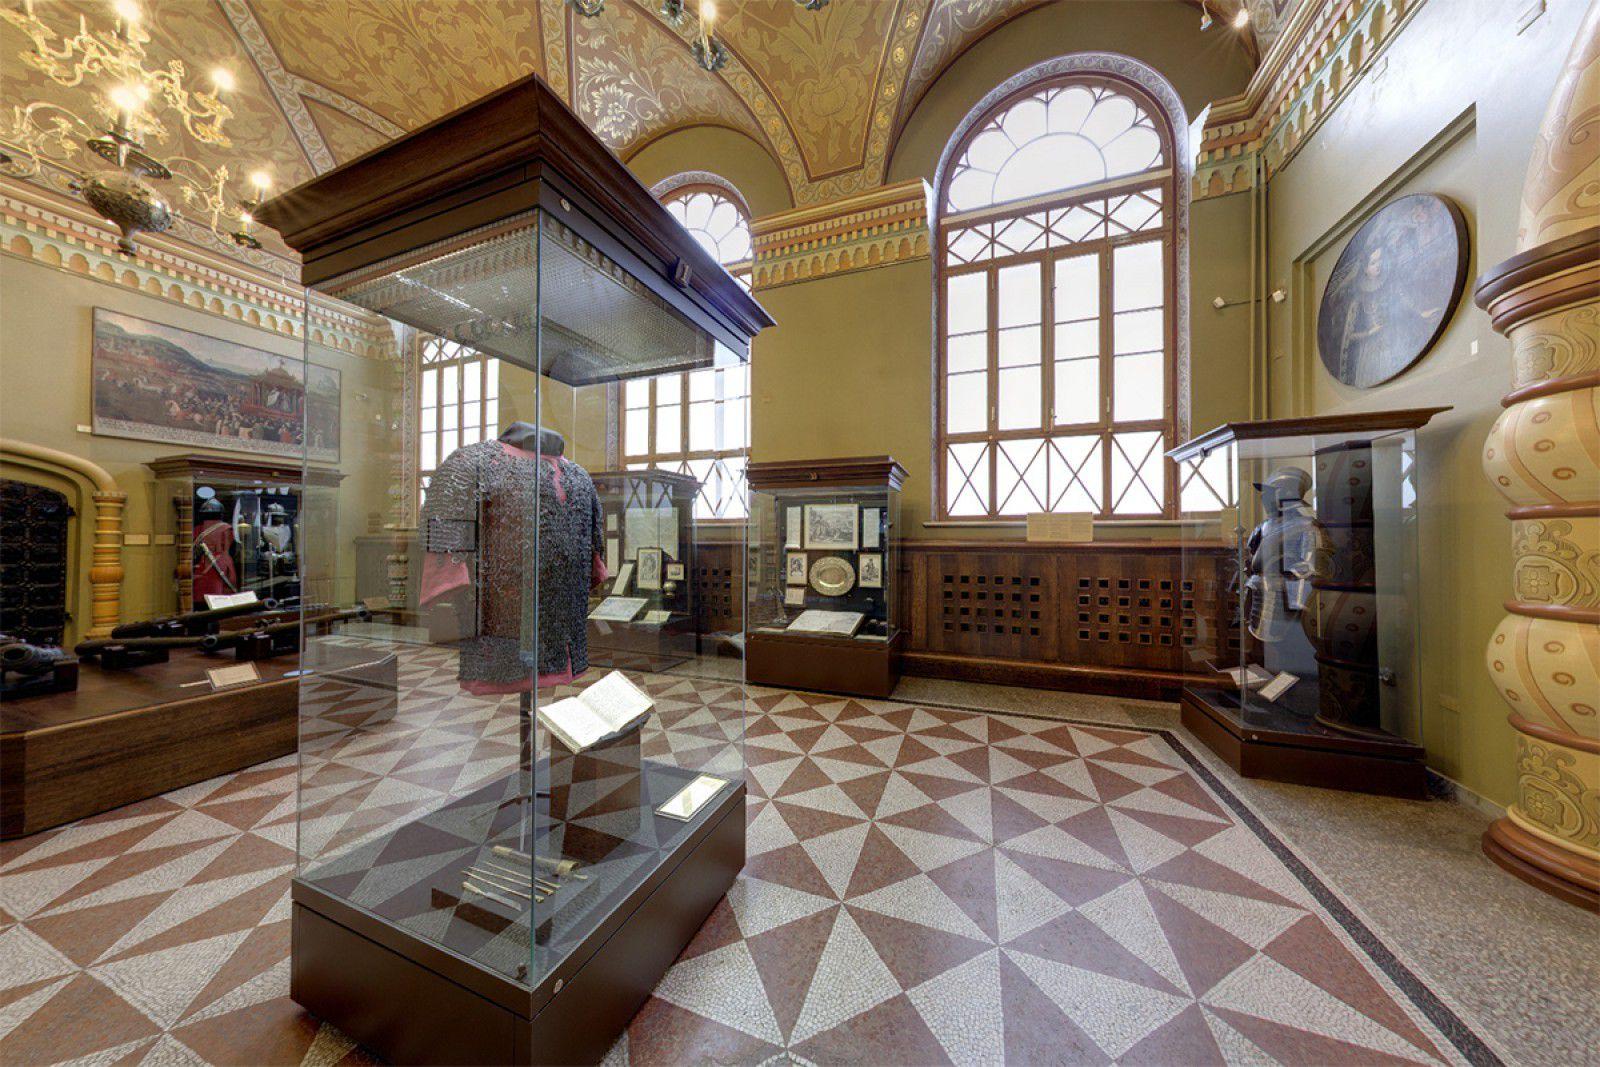 Исторический музей картинки внутри, картинка для детей